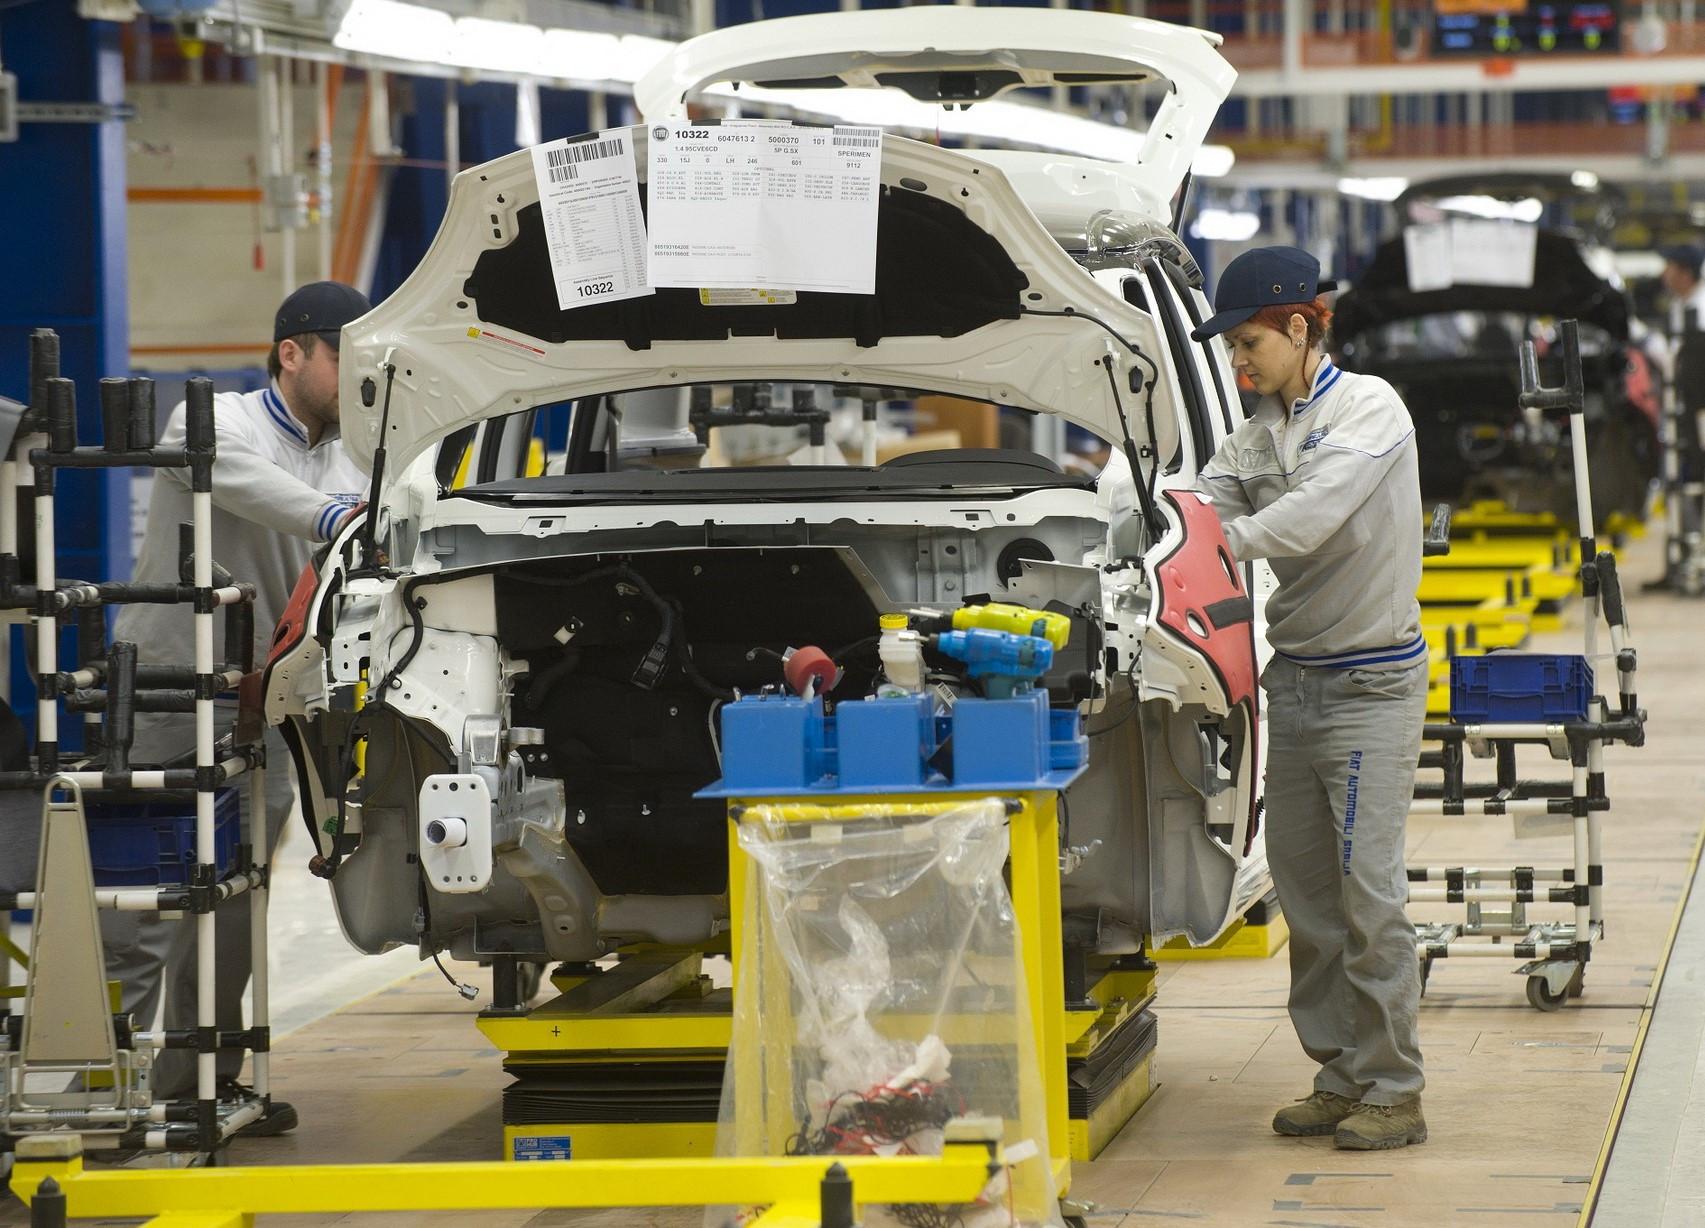 Produsen Mobil di Italia Mulai Aktivitas Lagi di Tengah Virus Corona - JPNN.com